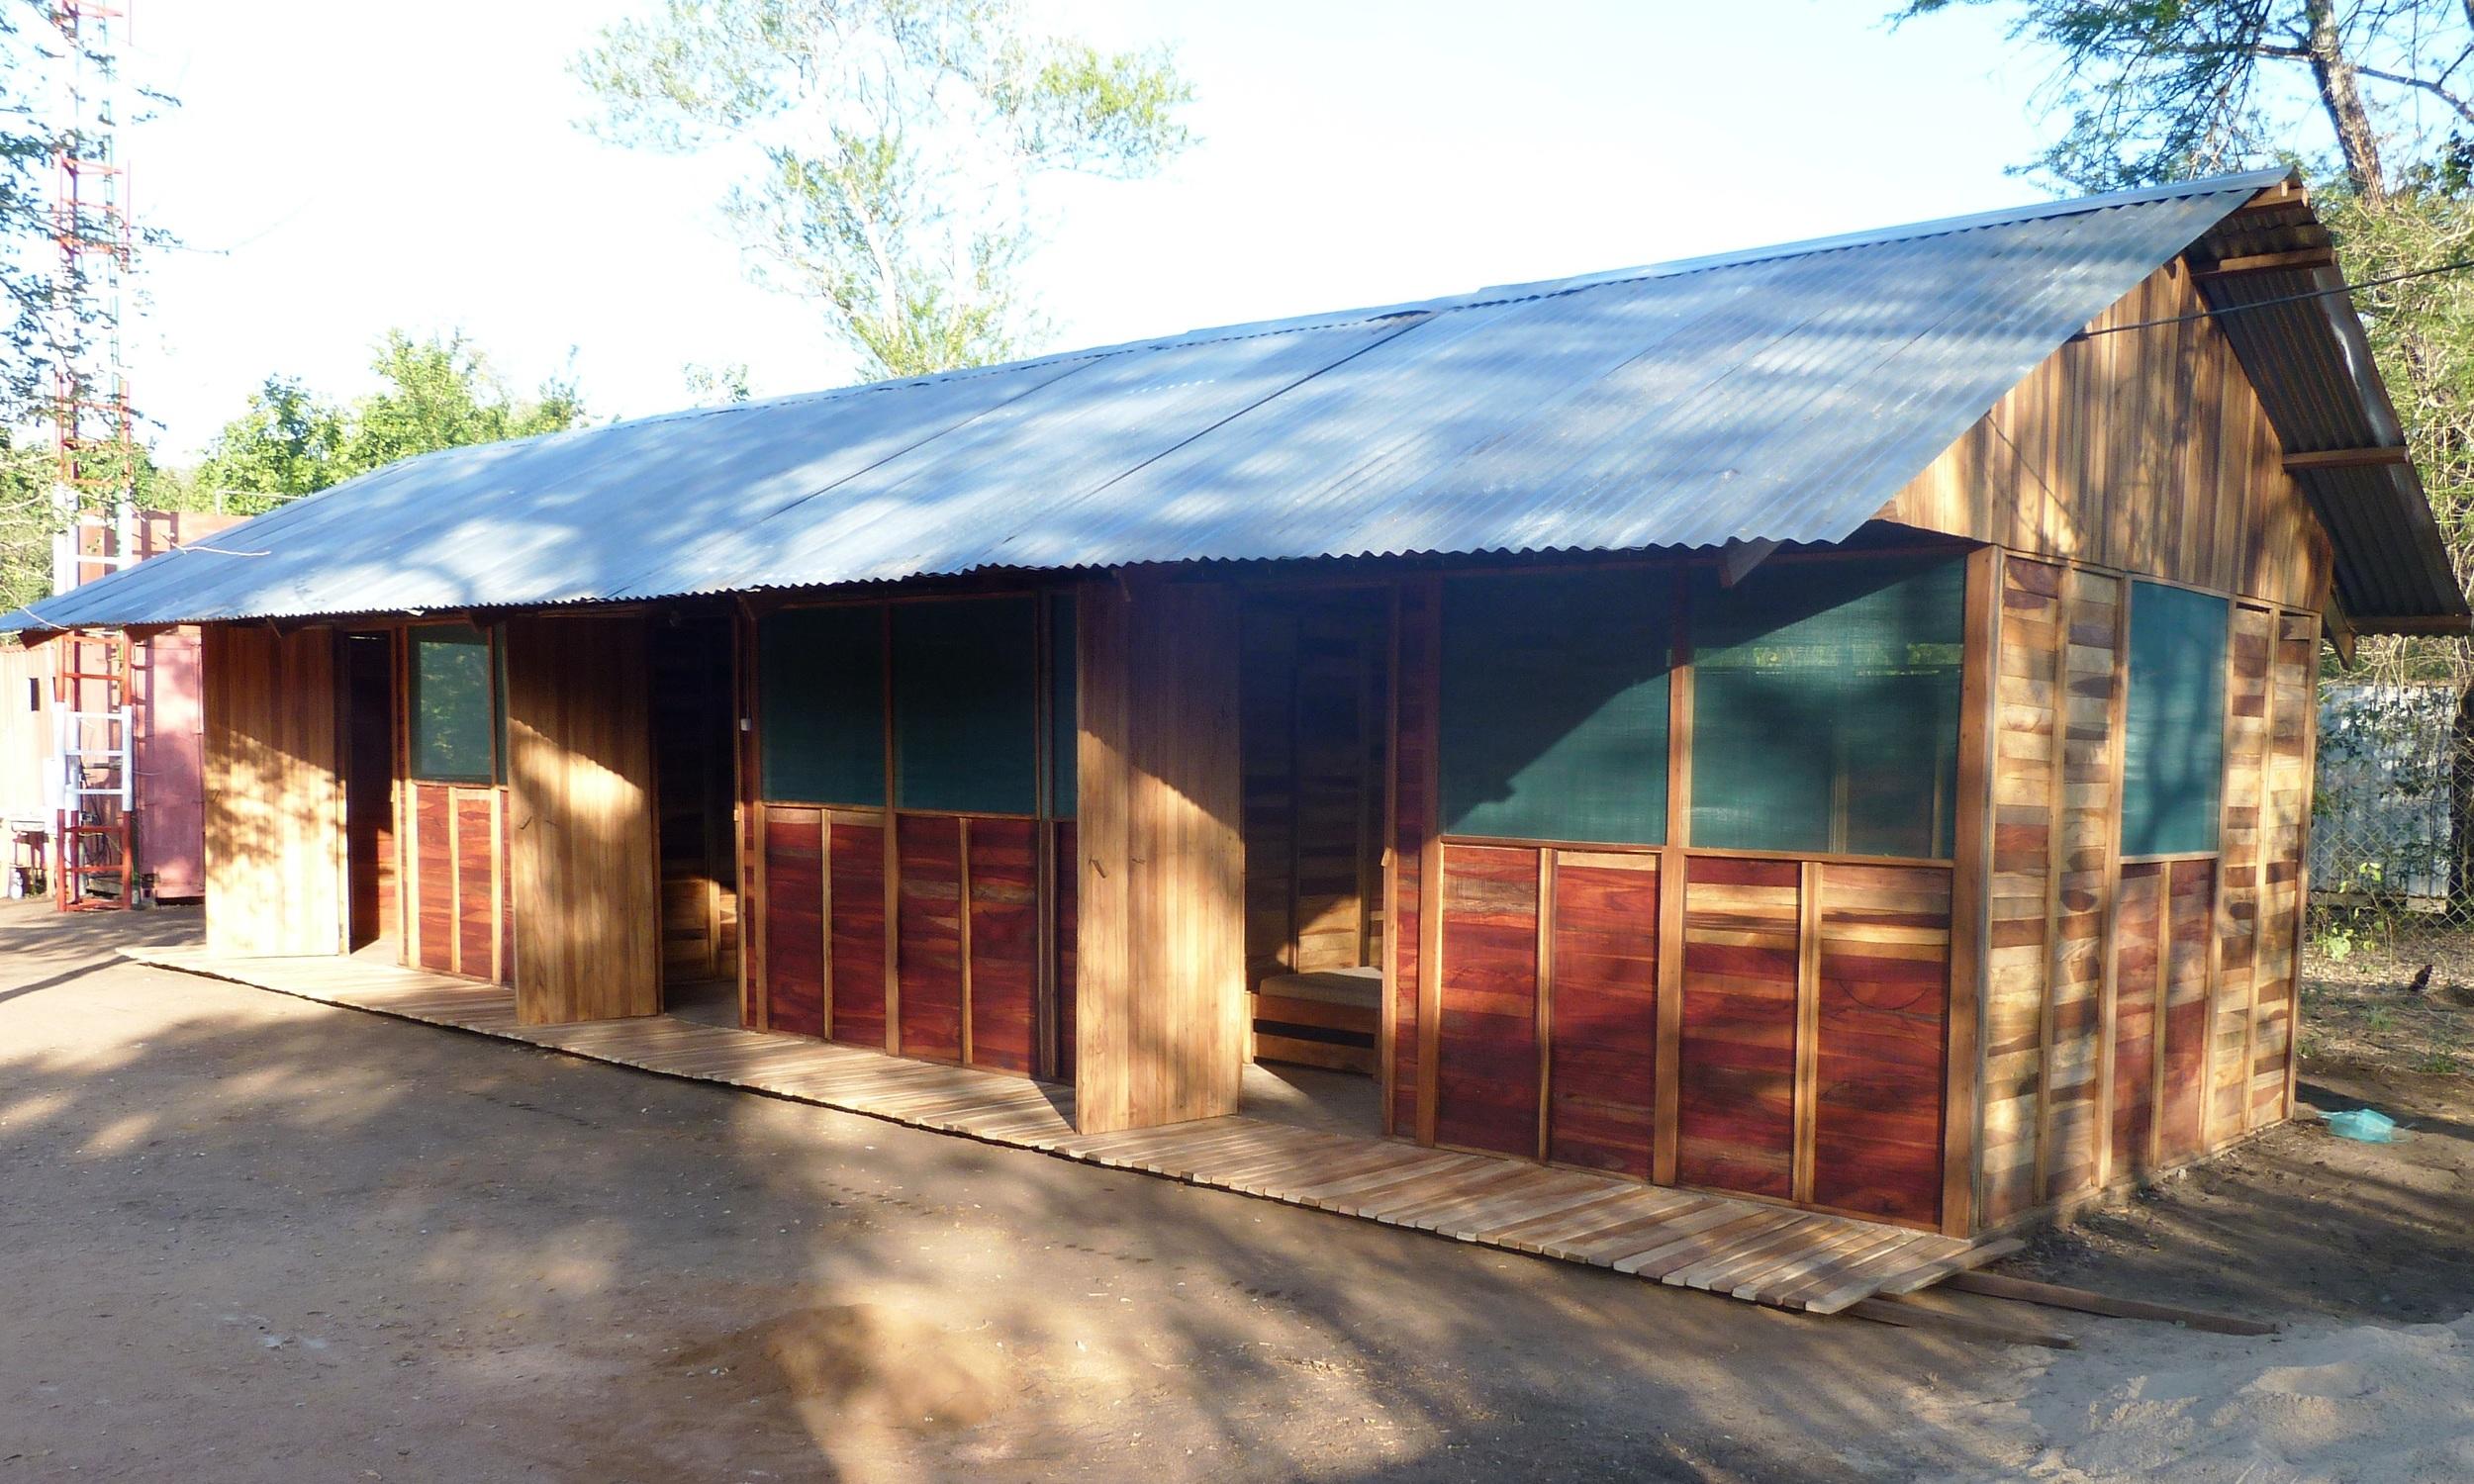 Um dos dois dormitórios, com a capacidade para 18 estudantes ficarem hospedados  - One of the two dormitories at the budget training, a maximum of 18 students can be accommodated